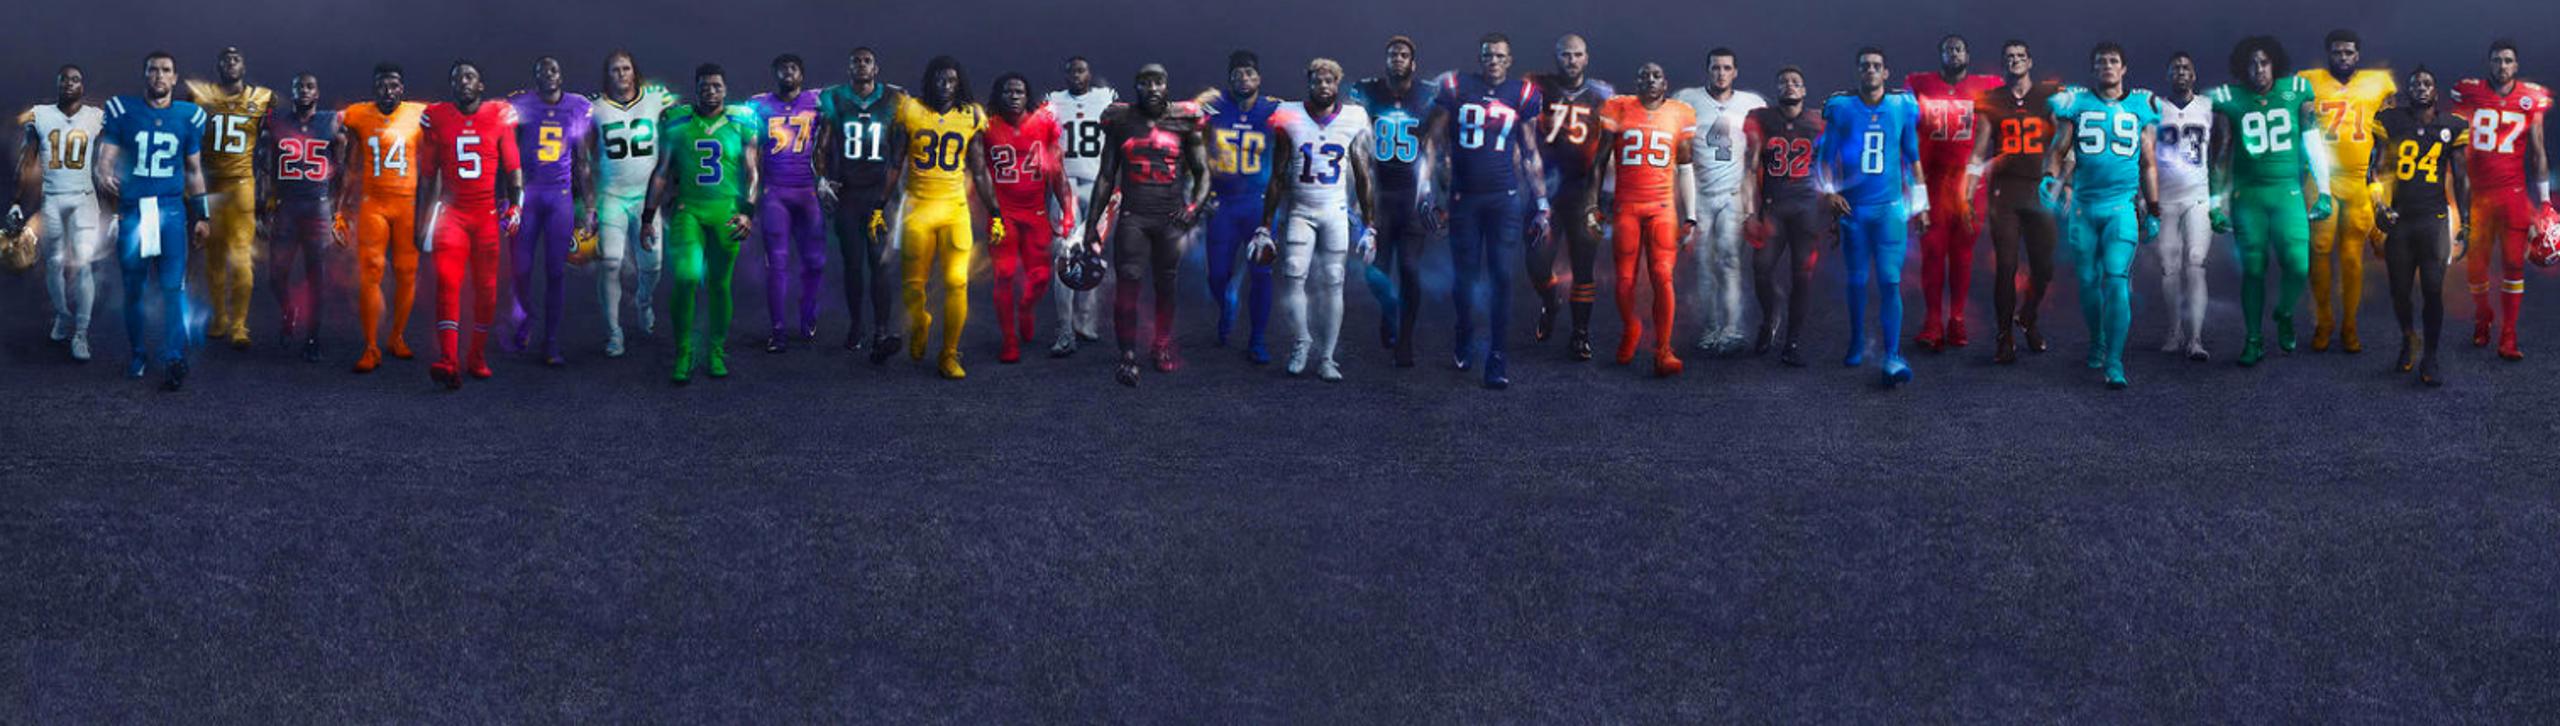 NFL Color Rush uniforms - 2016